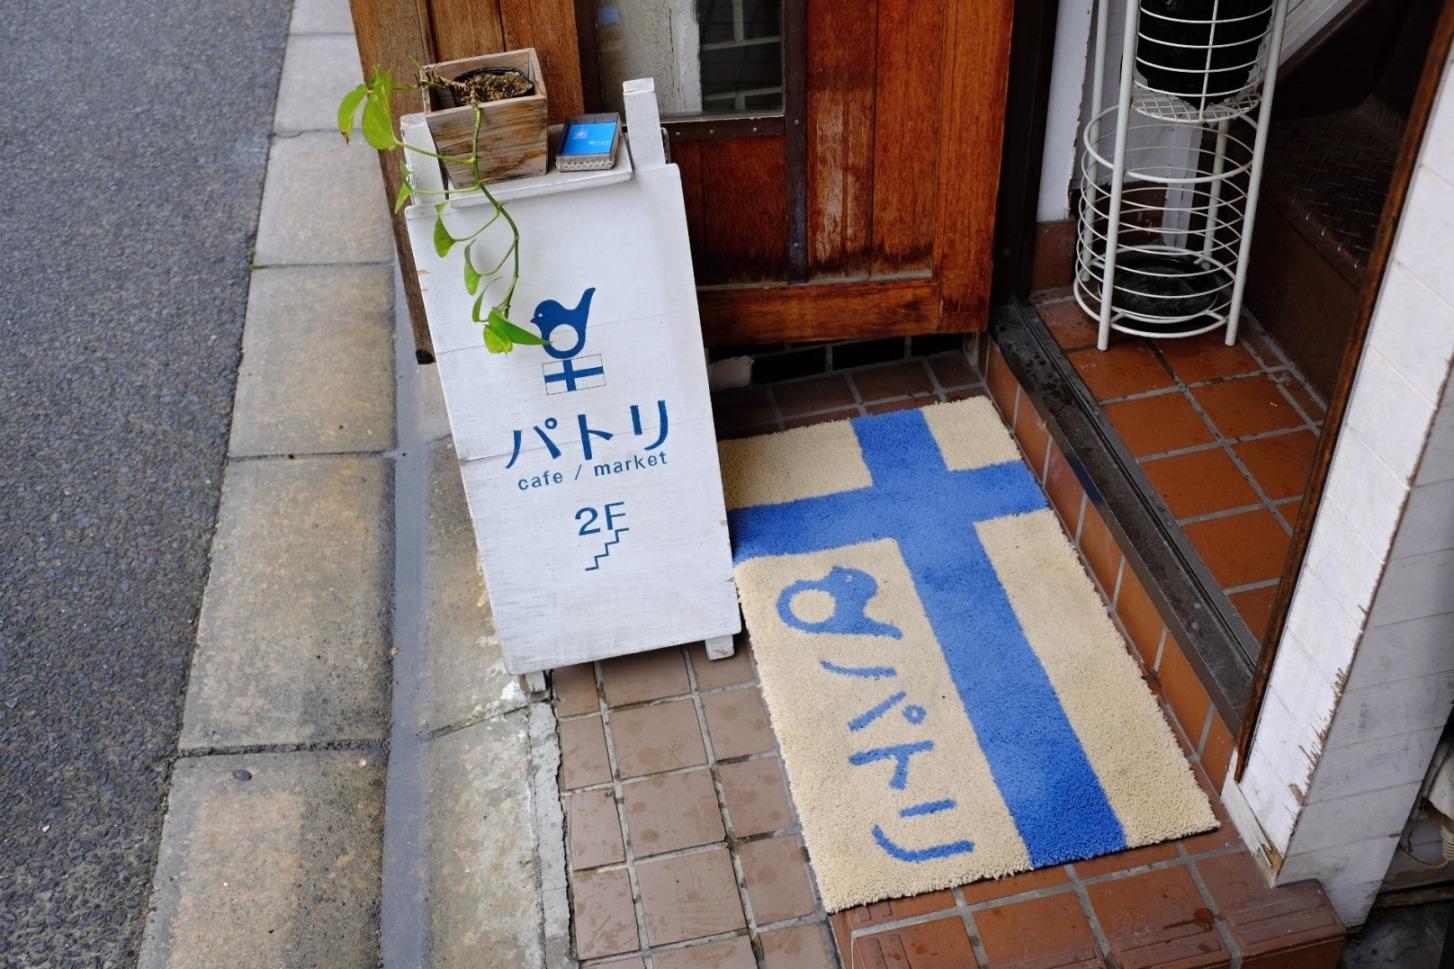 甘味遊行 パトリ cafe/market  / 奈良町_d0233770_23131673.jpg